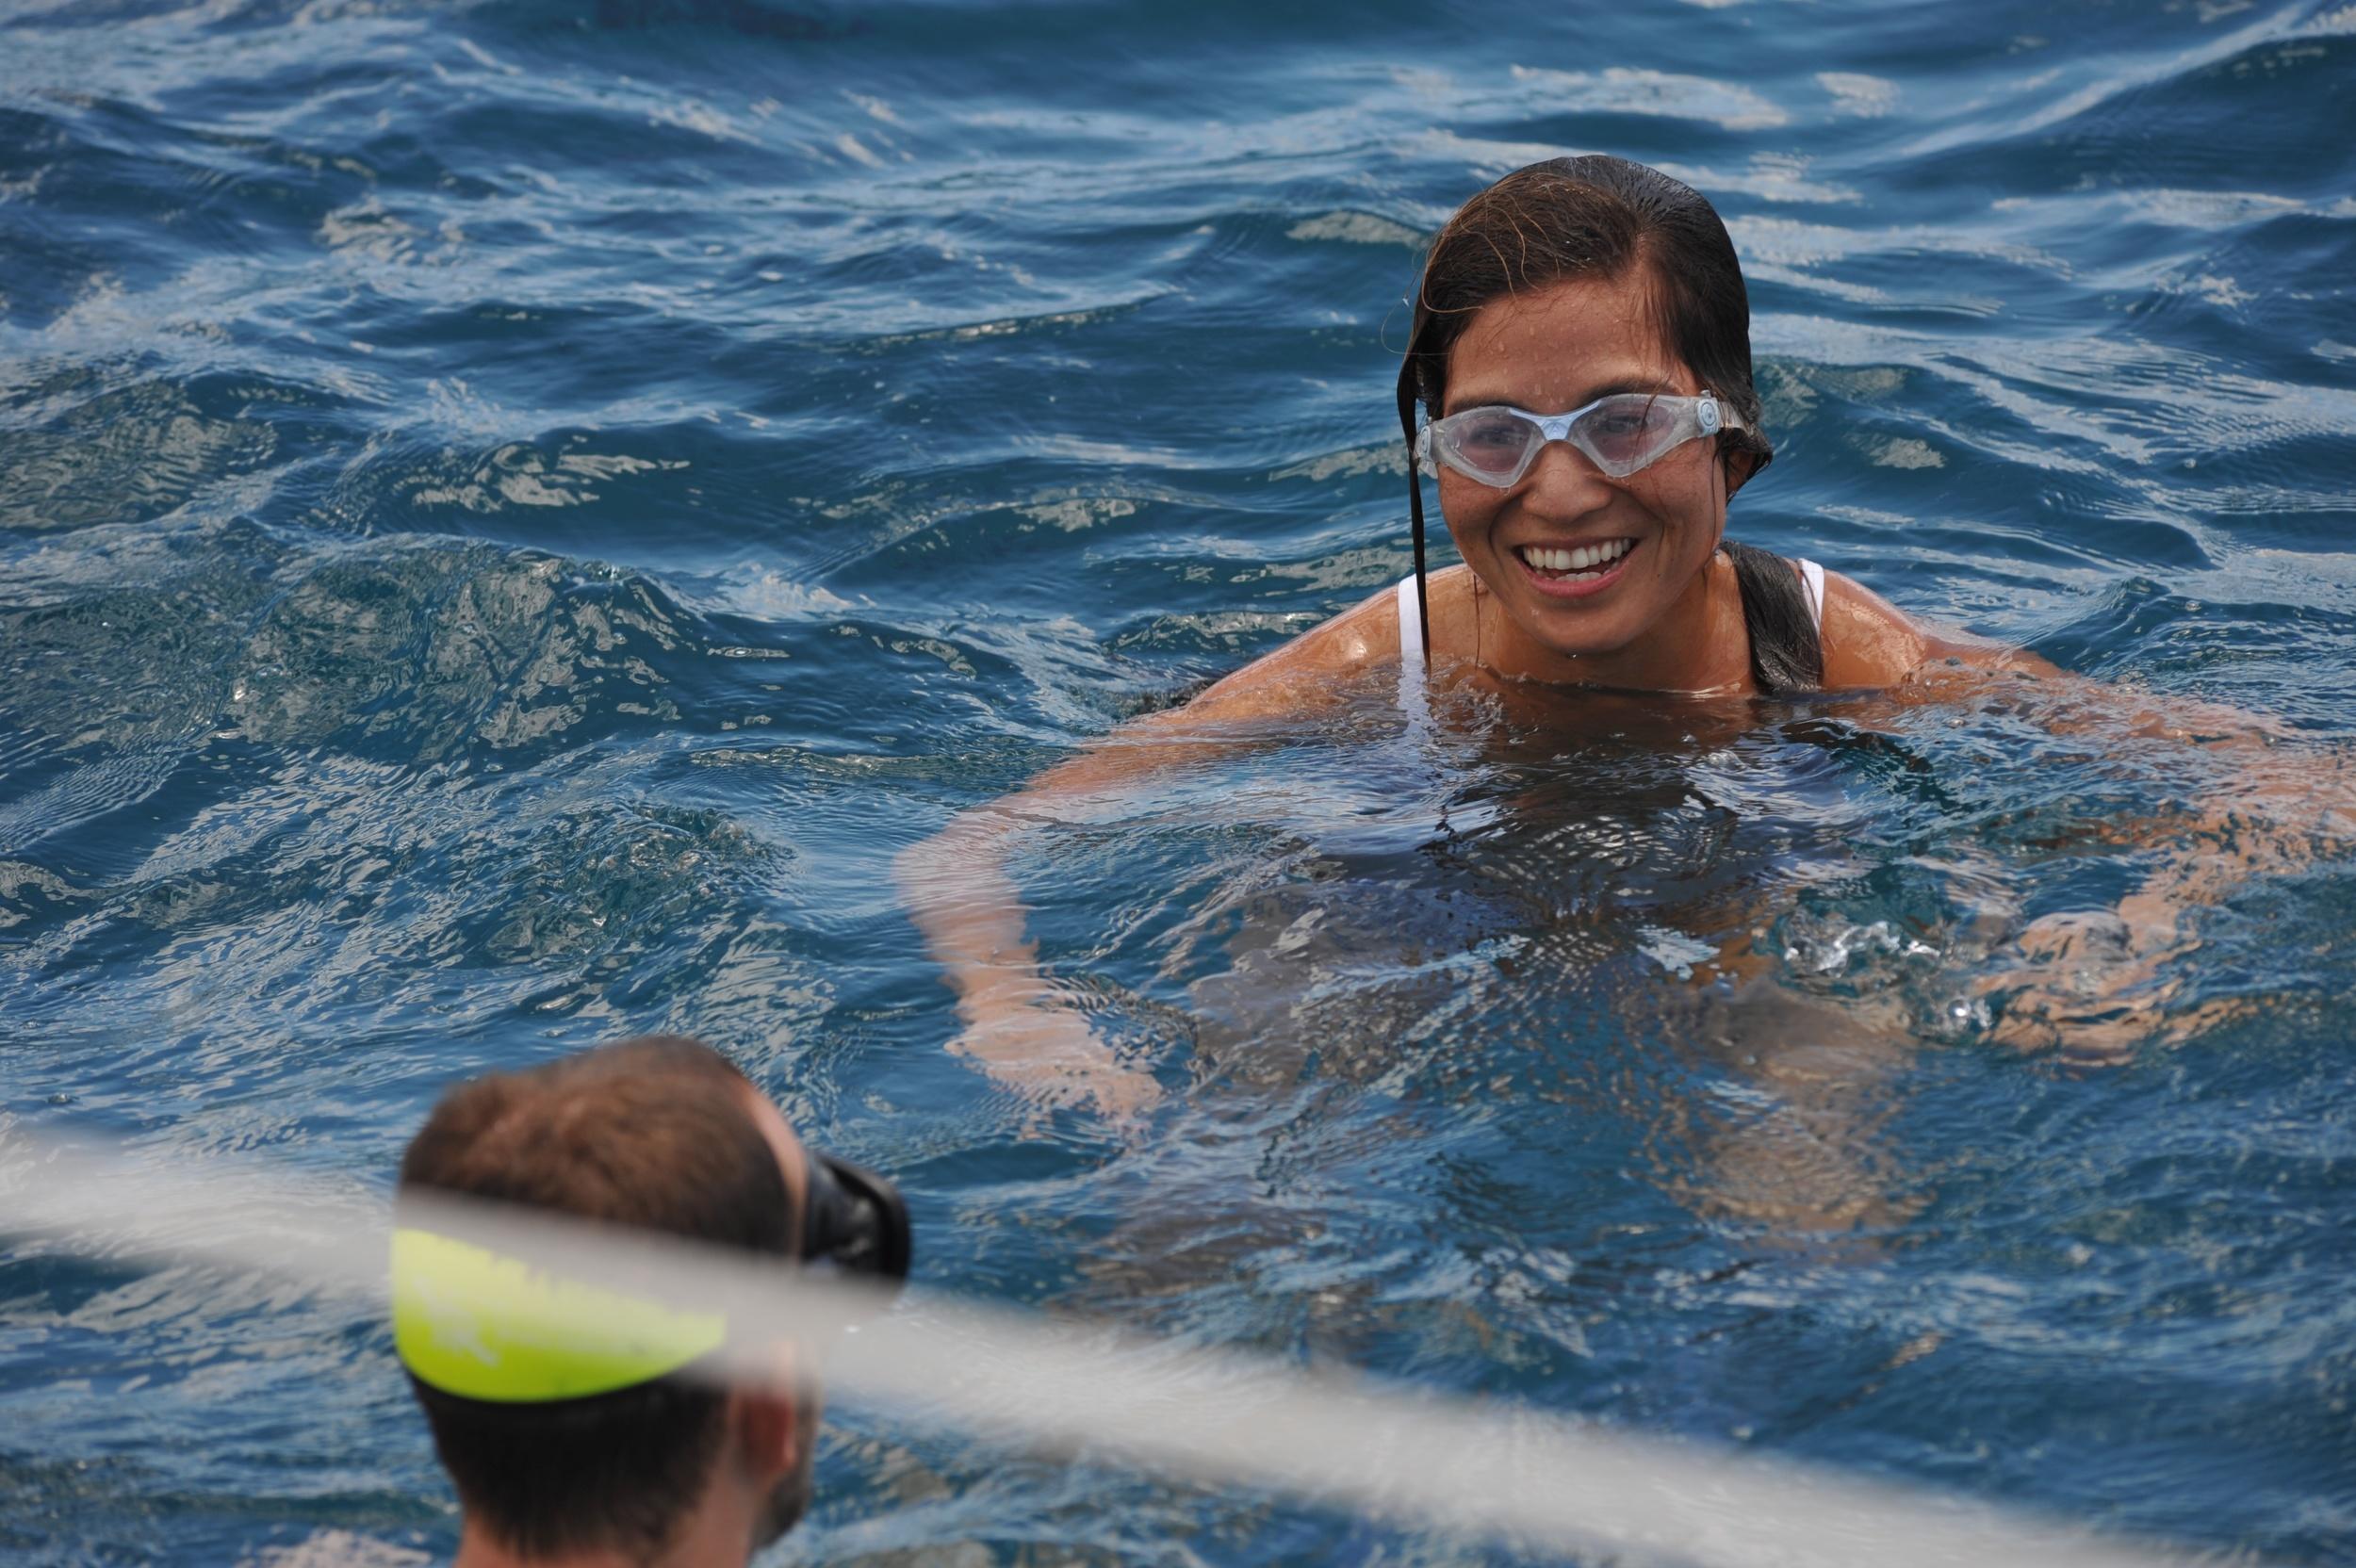 Marina_Bri_snorkeling.jpg